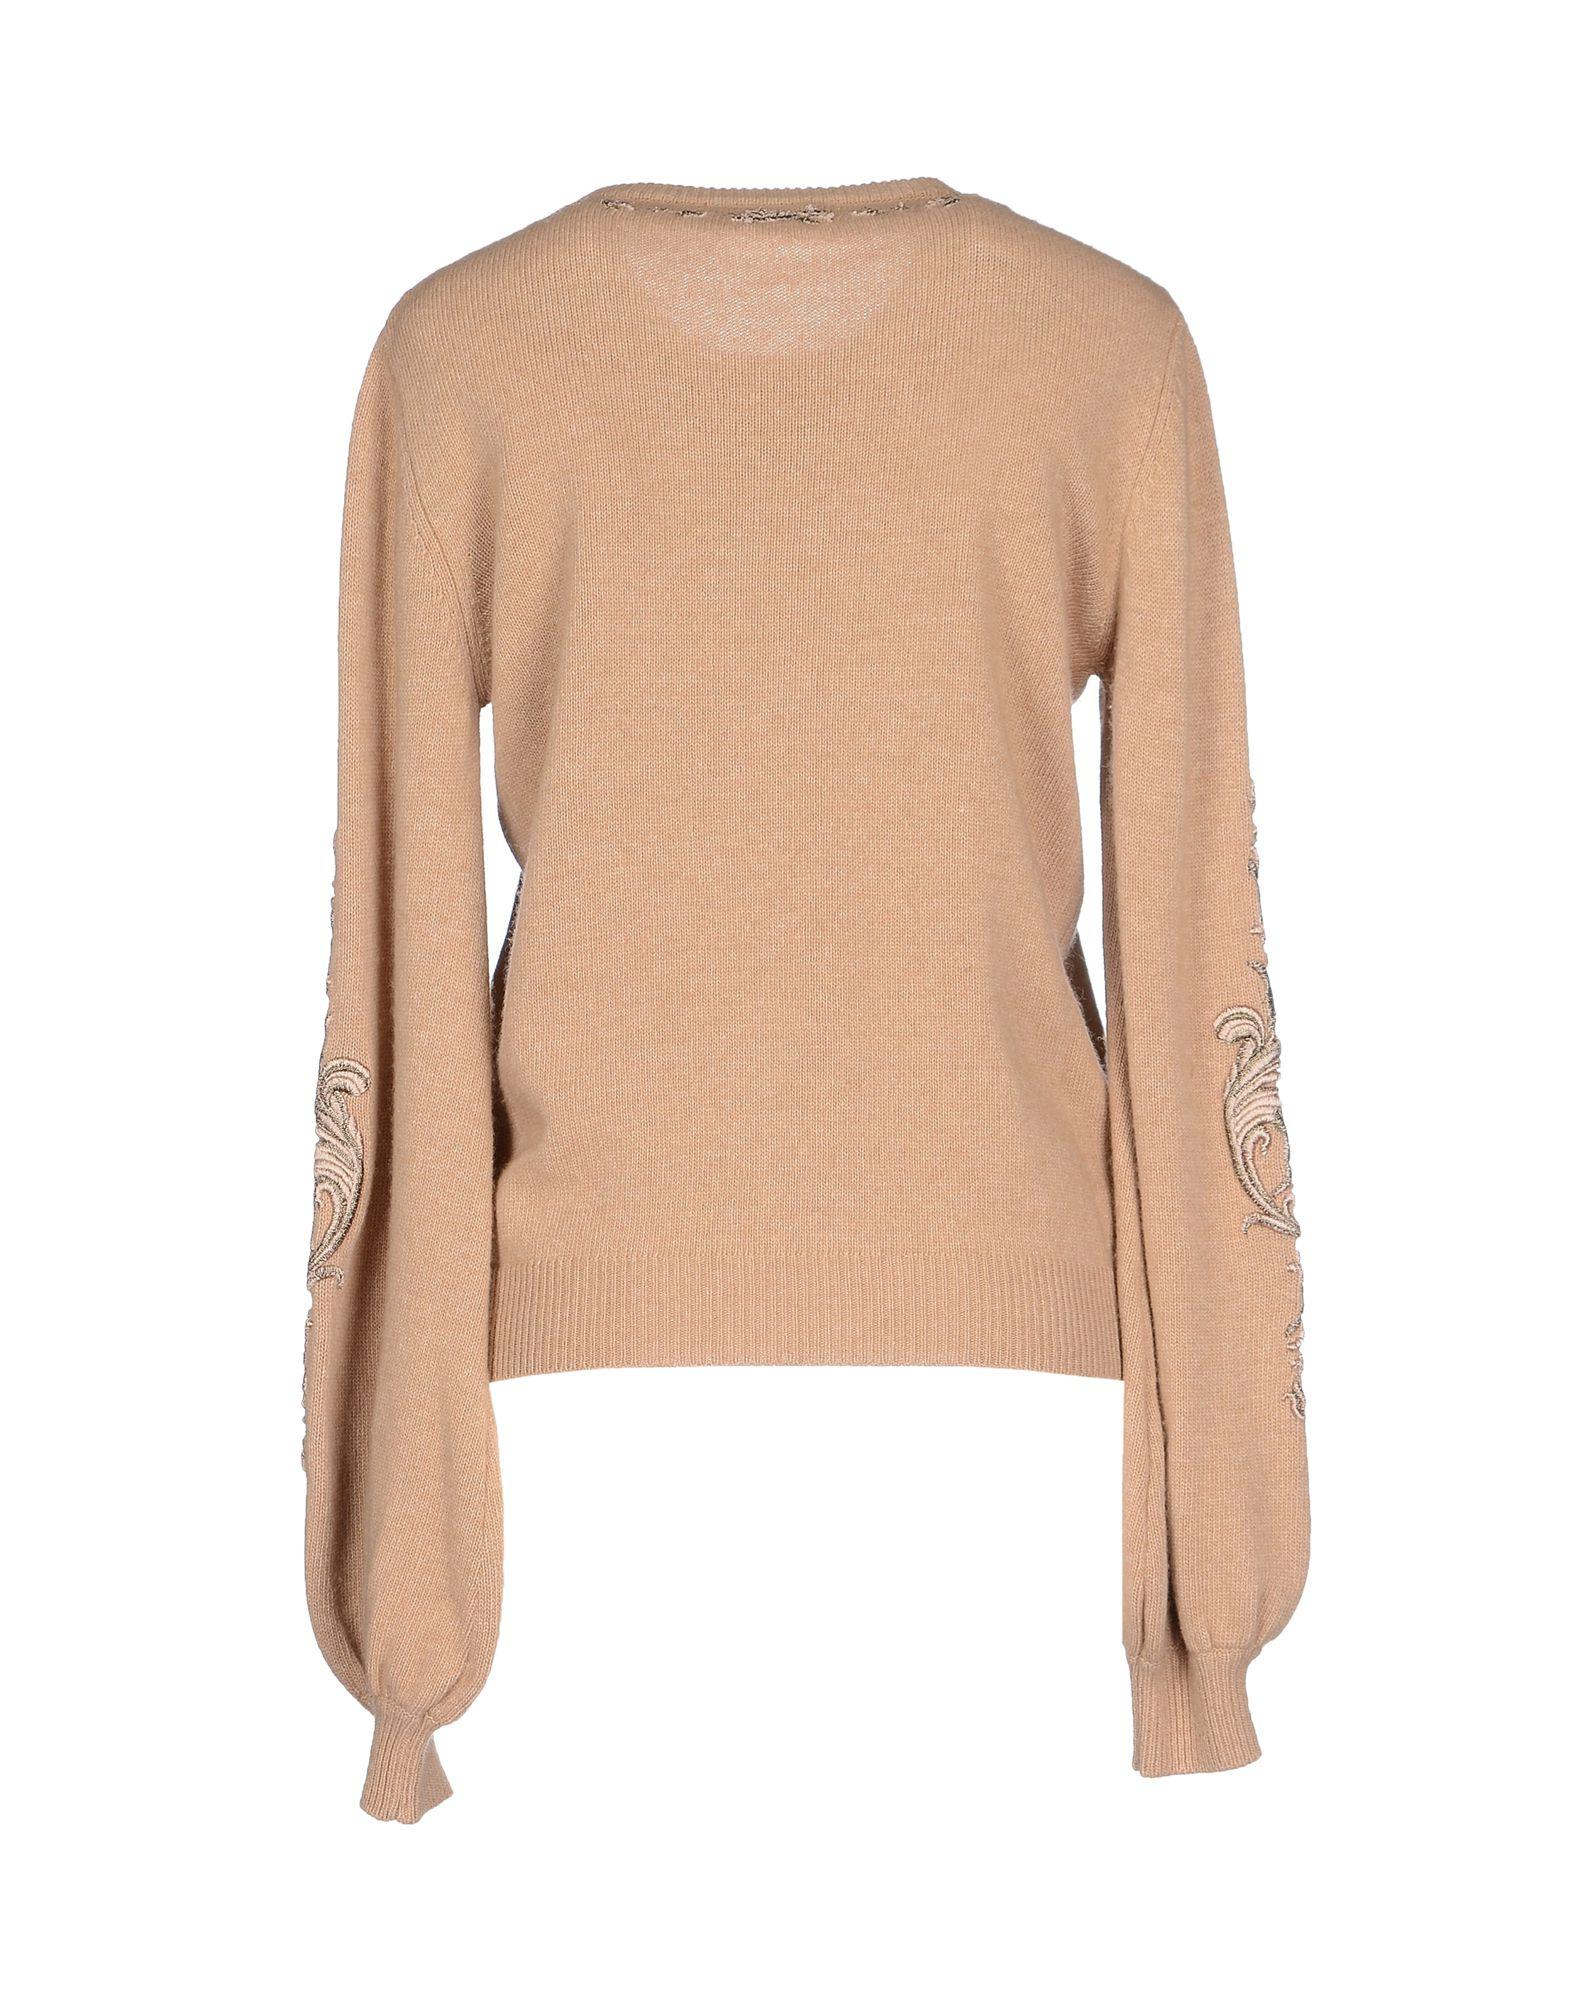 Patrick Kane Sweater